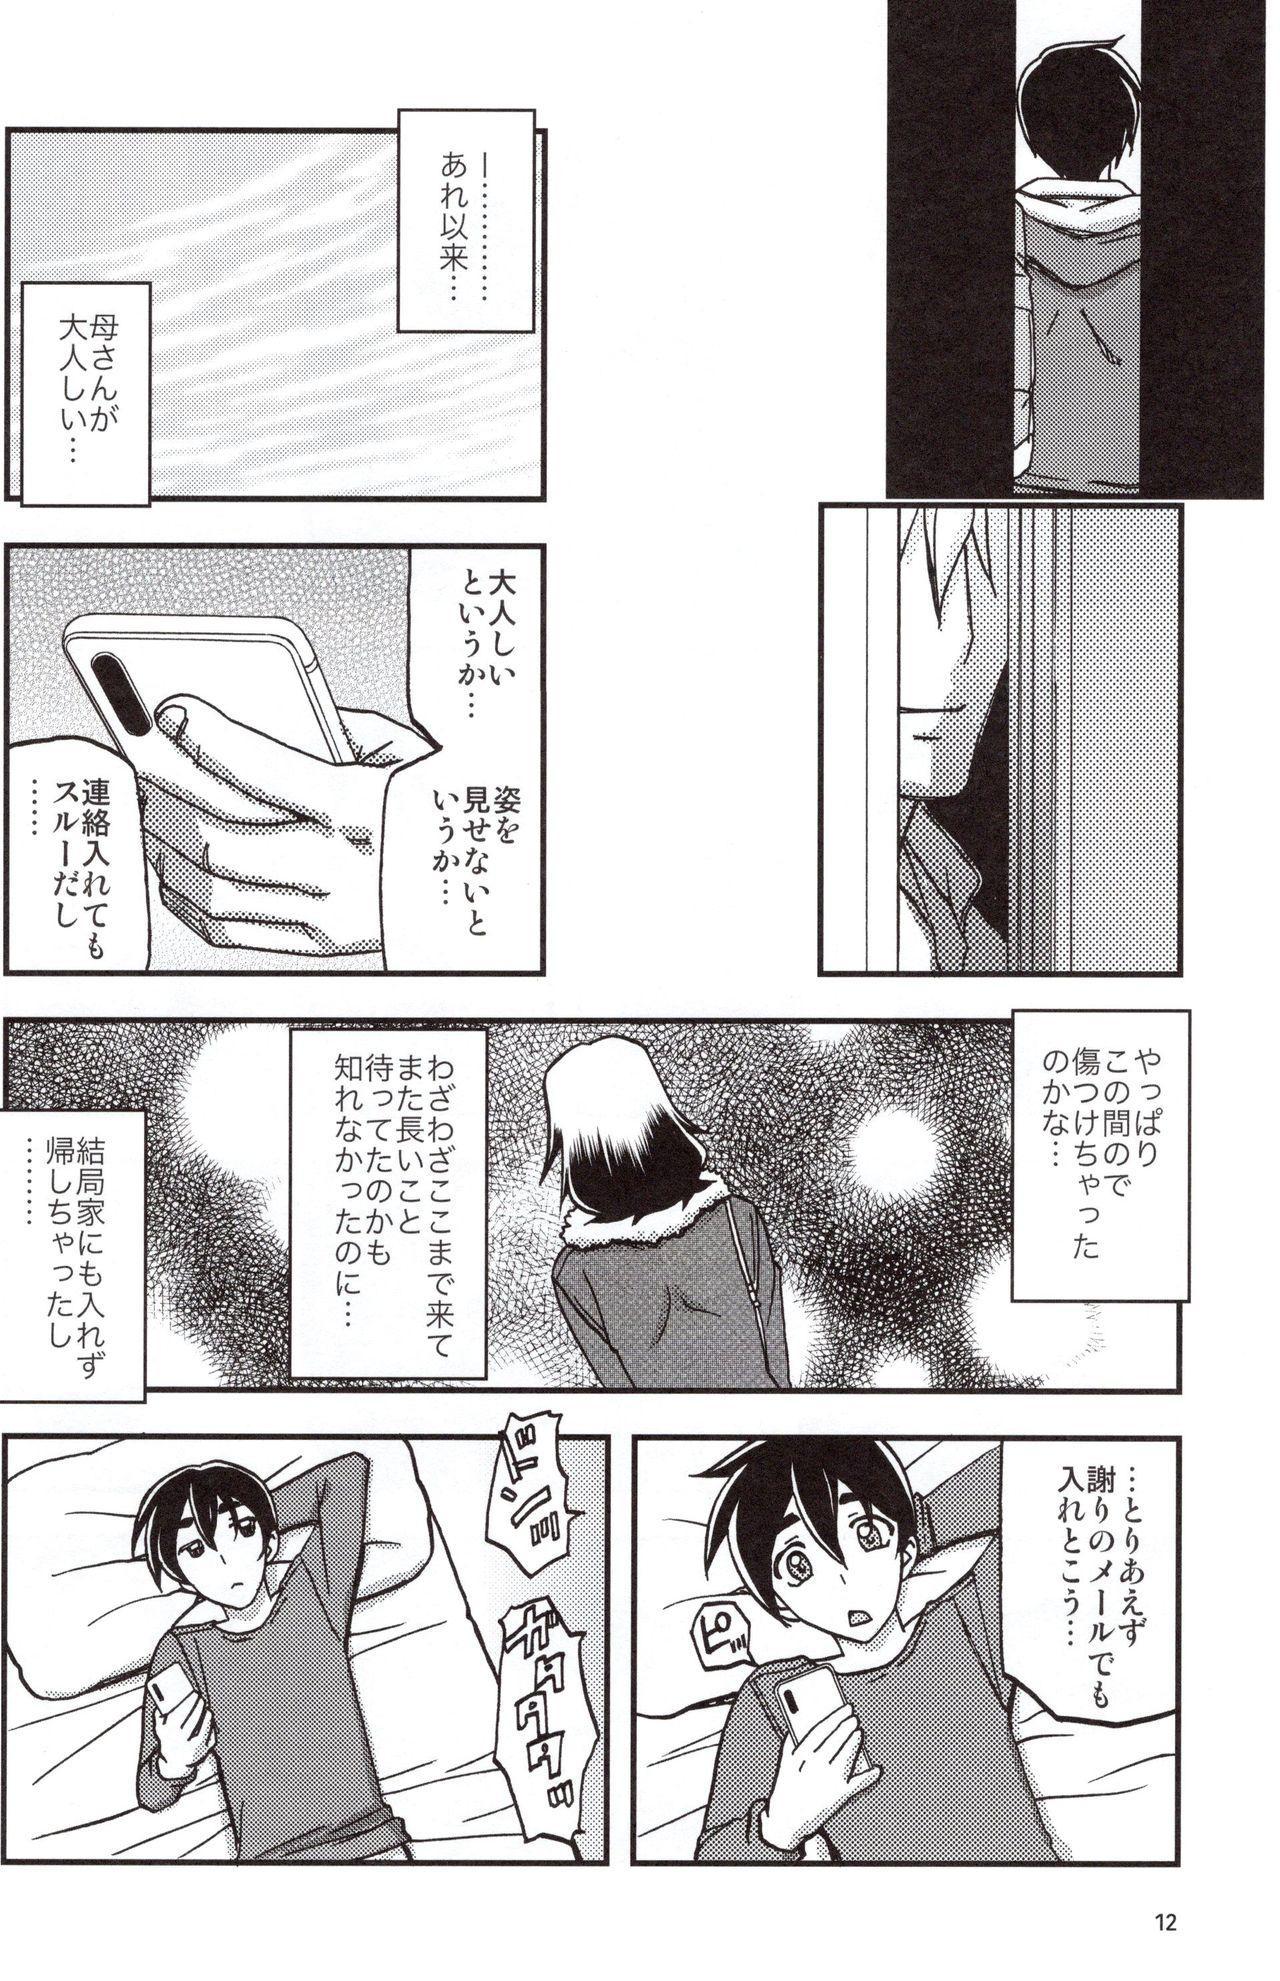 Yama Hime no Mi Orie 10